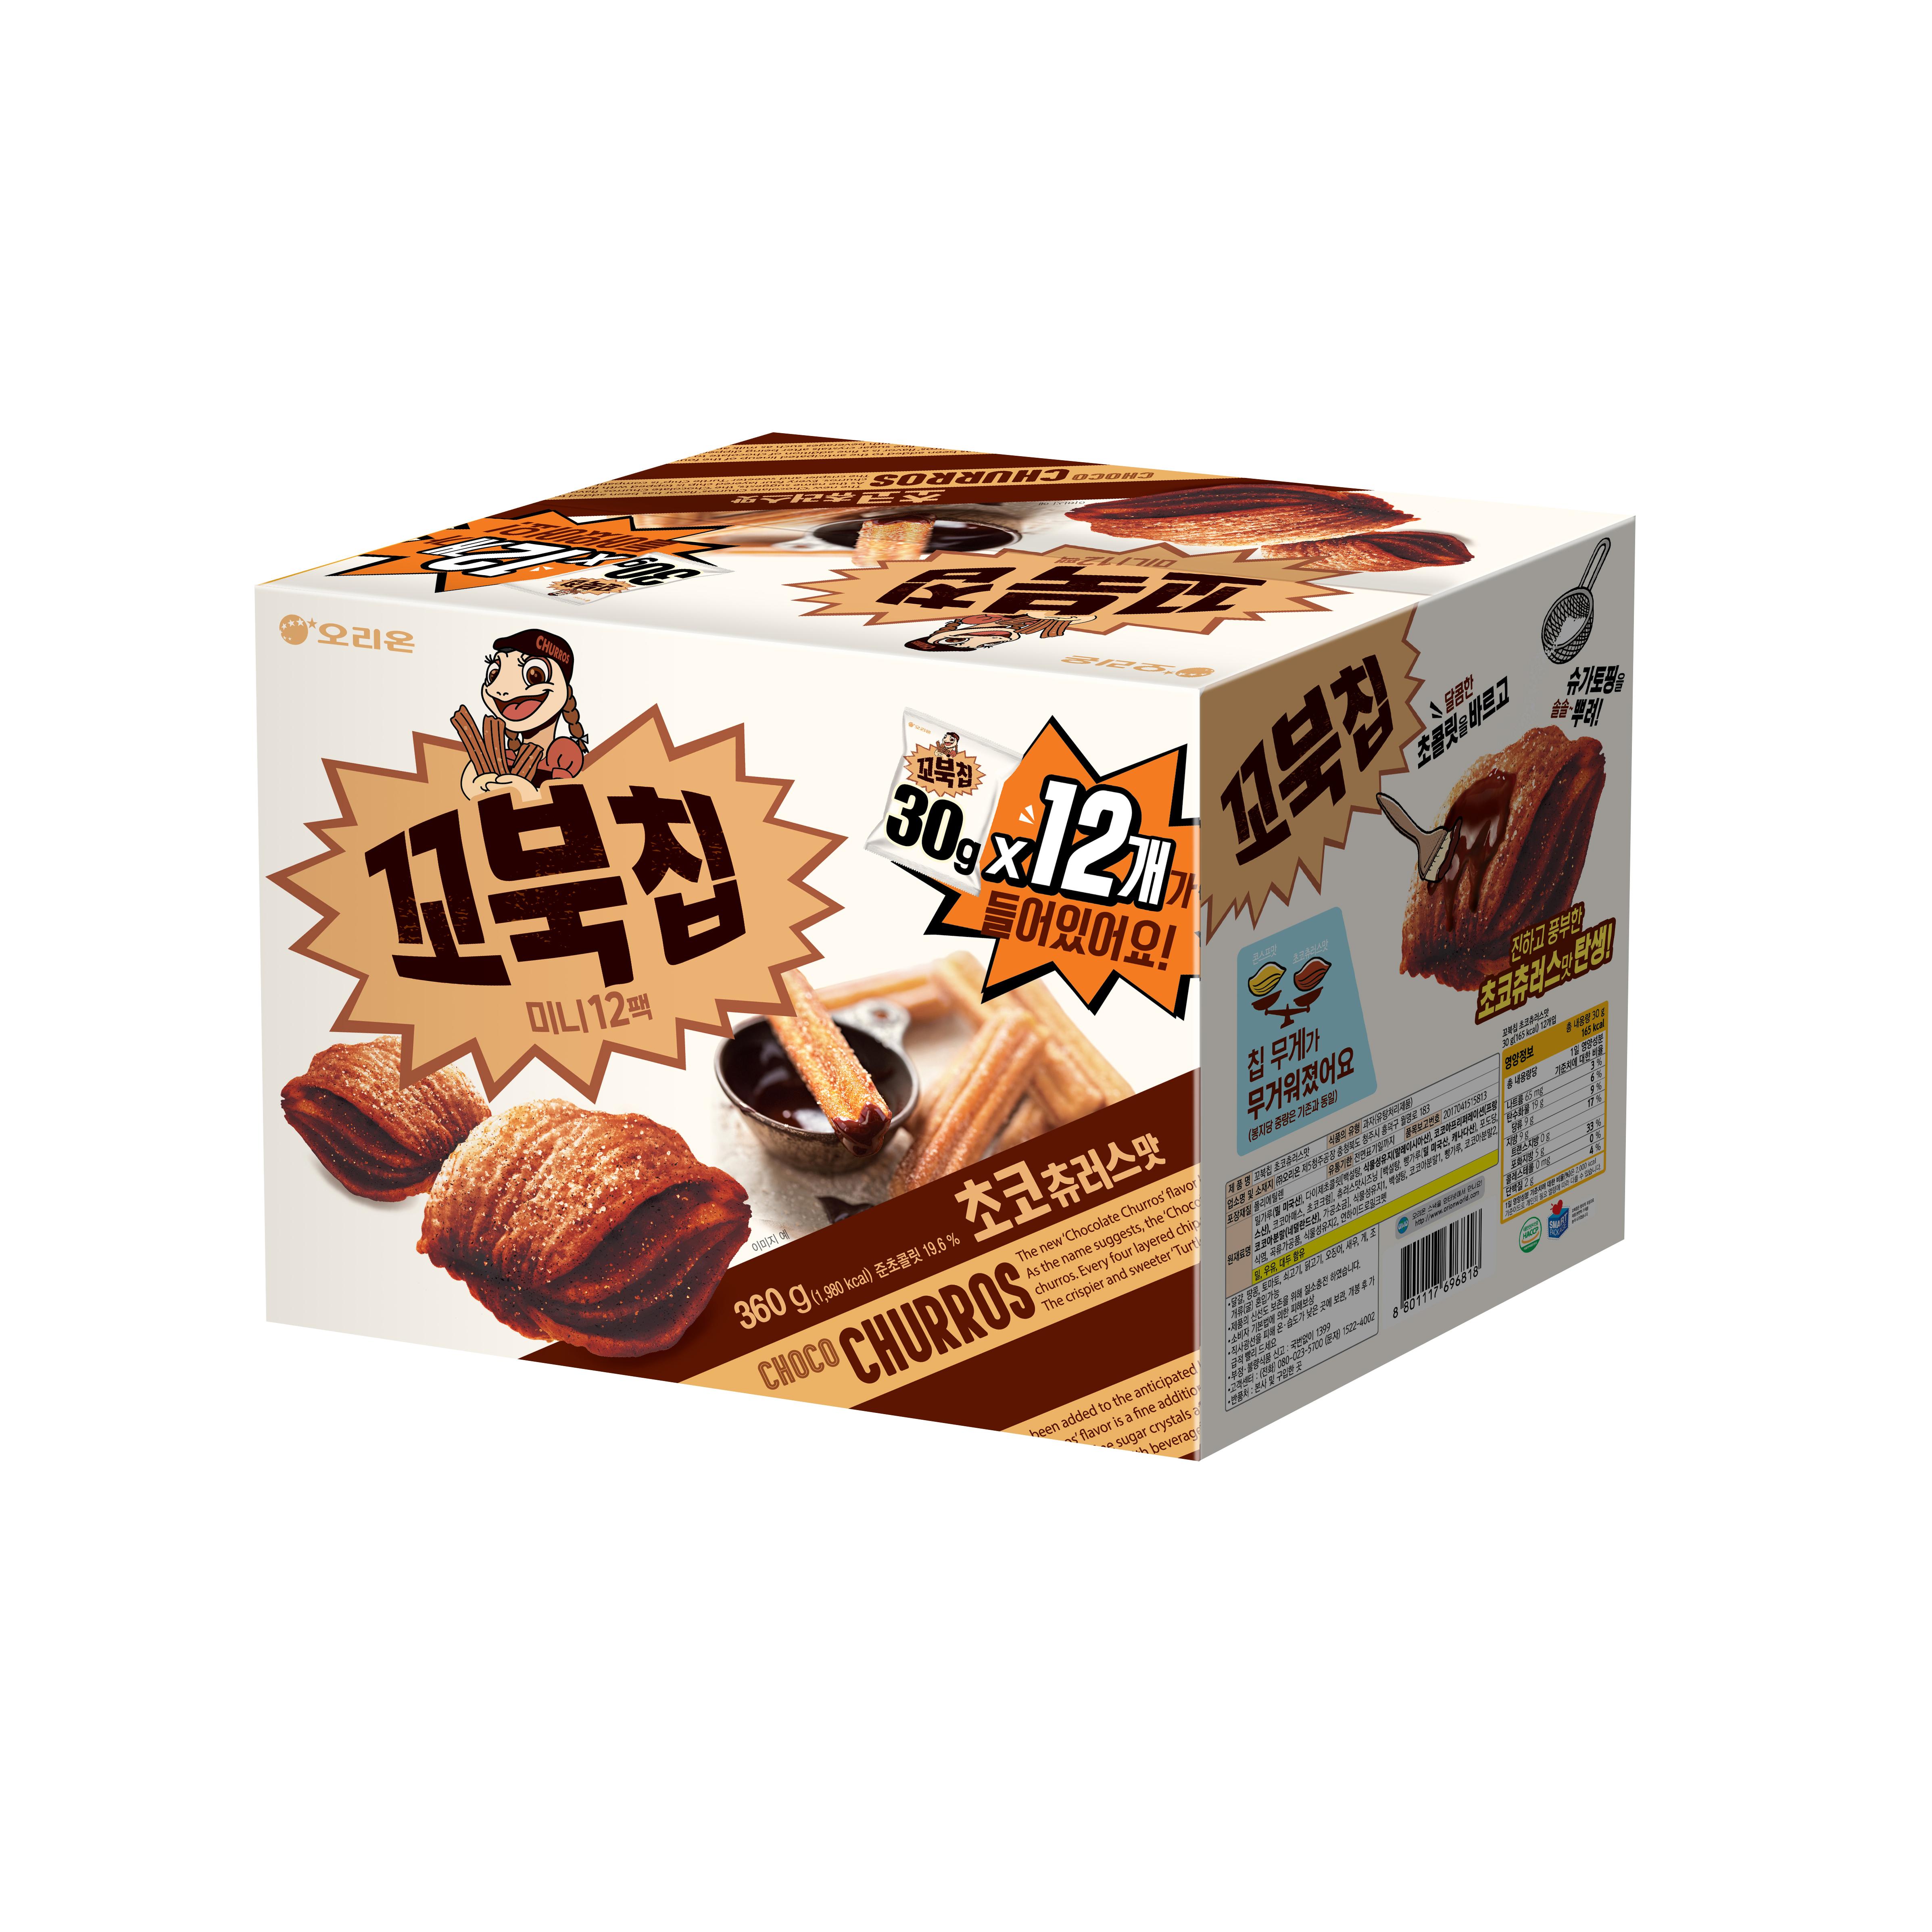 오리온 꼬북칩 초코츄러스 미니 과자, 30g, 12개